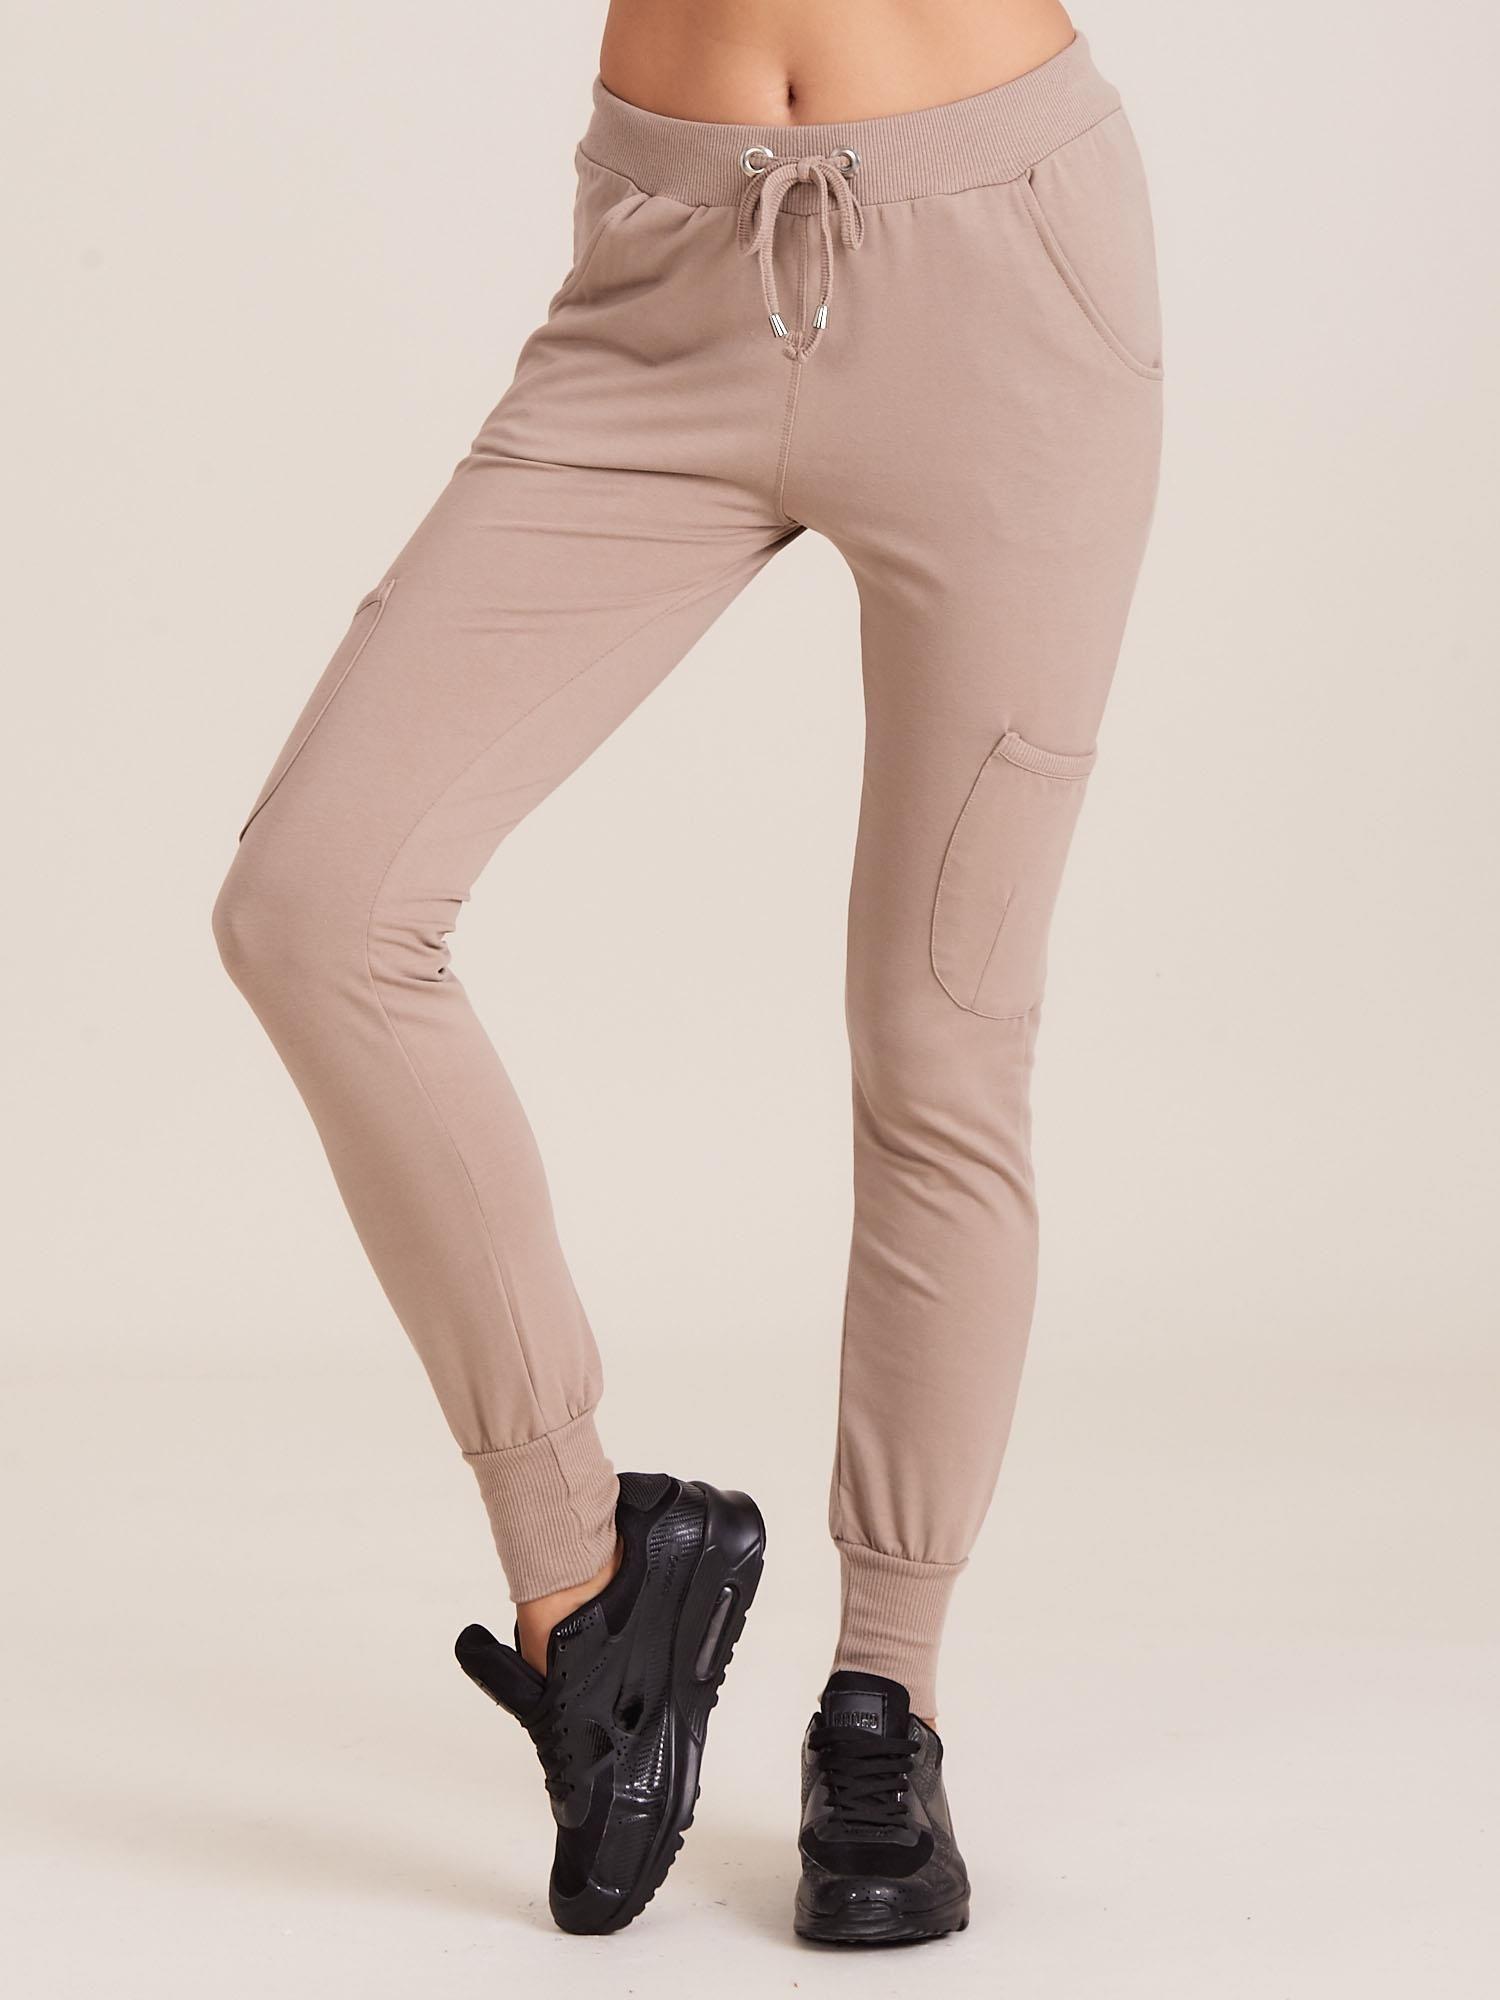 37708ce0 Damskie spodnie dresowe ze ściągaczami beżowe